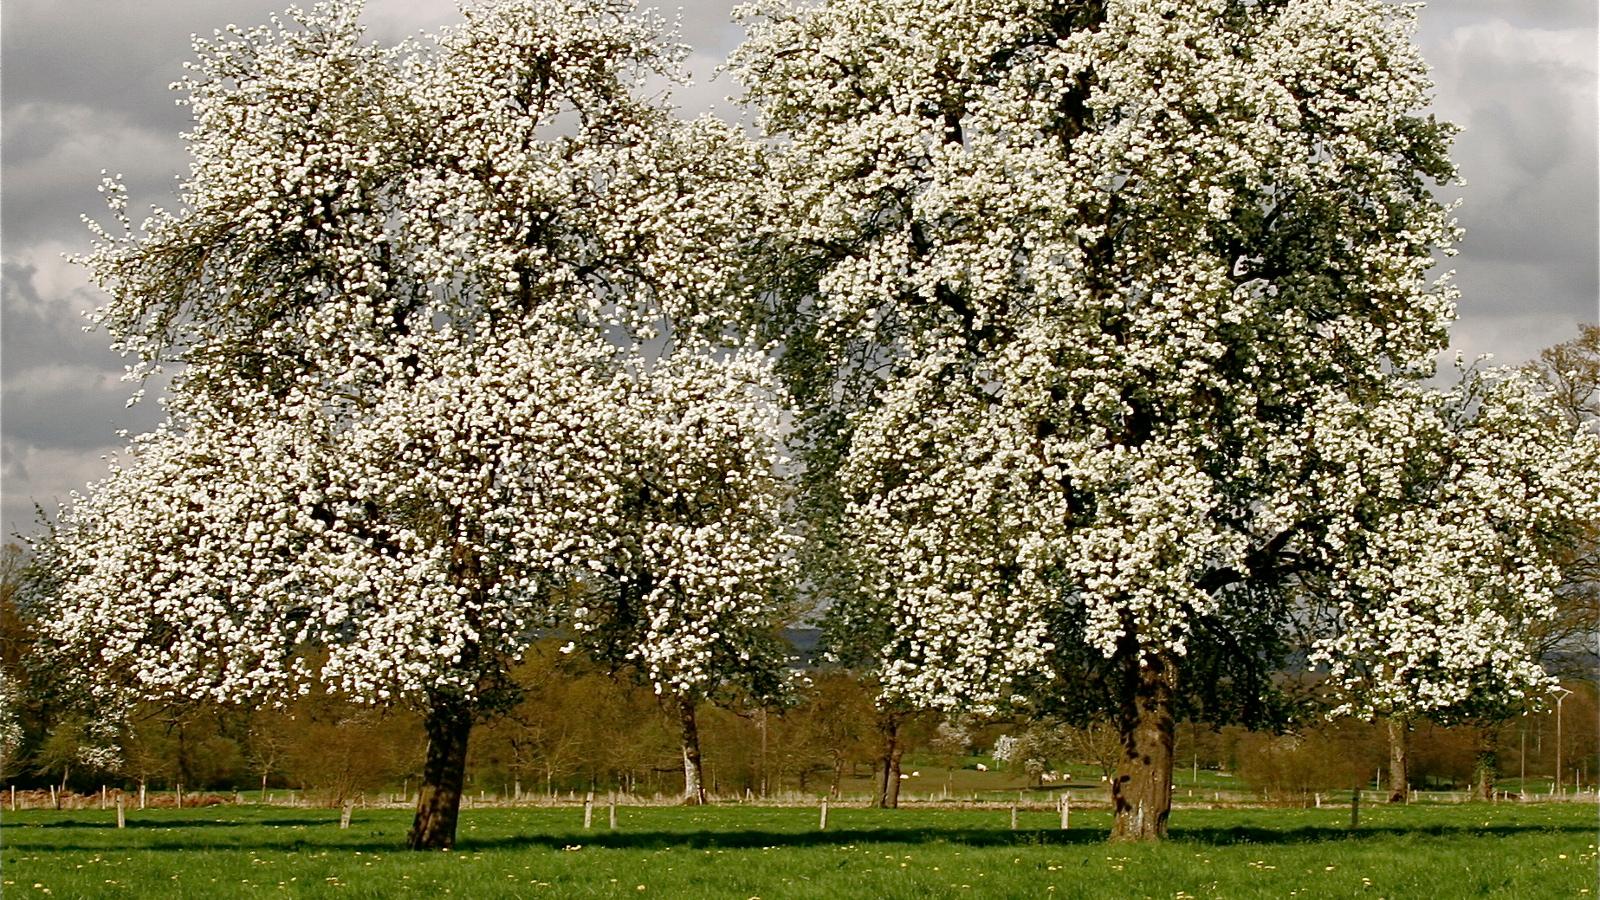 Poiriers en fleurs dans un ciel gris